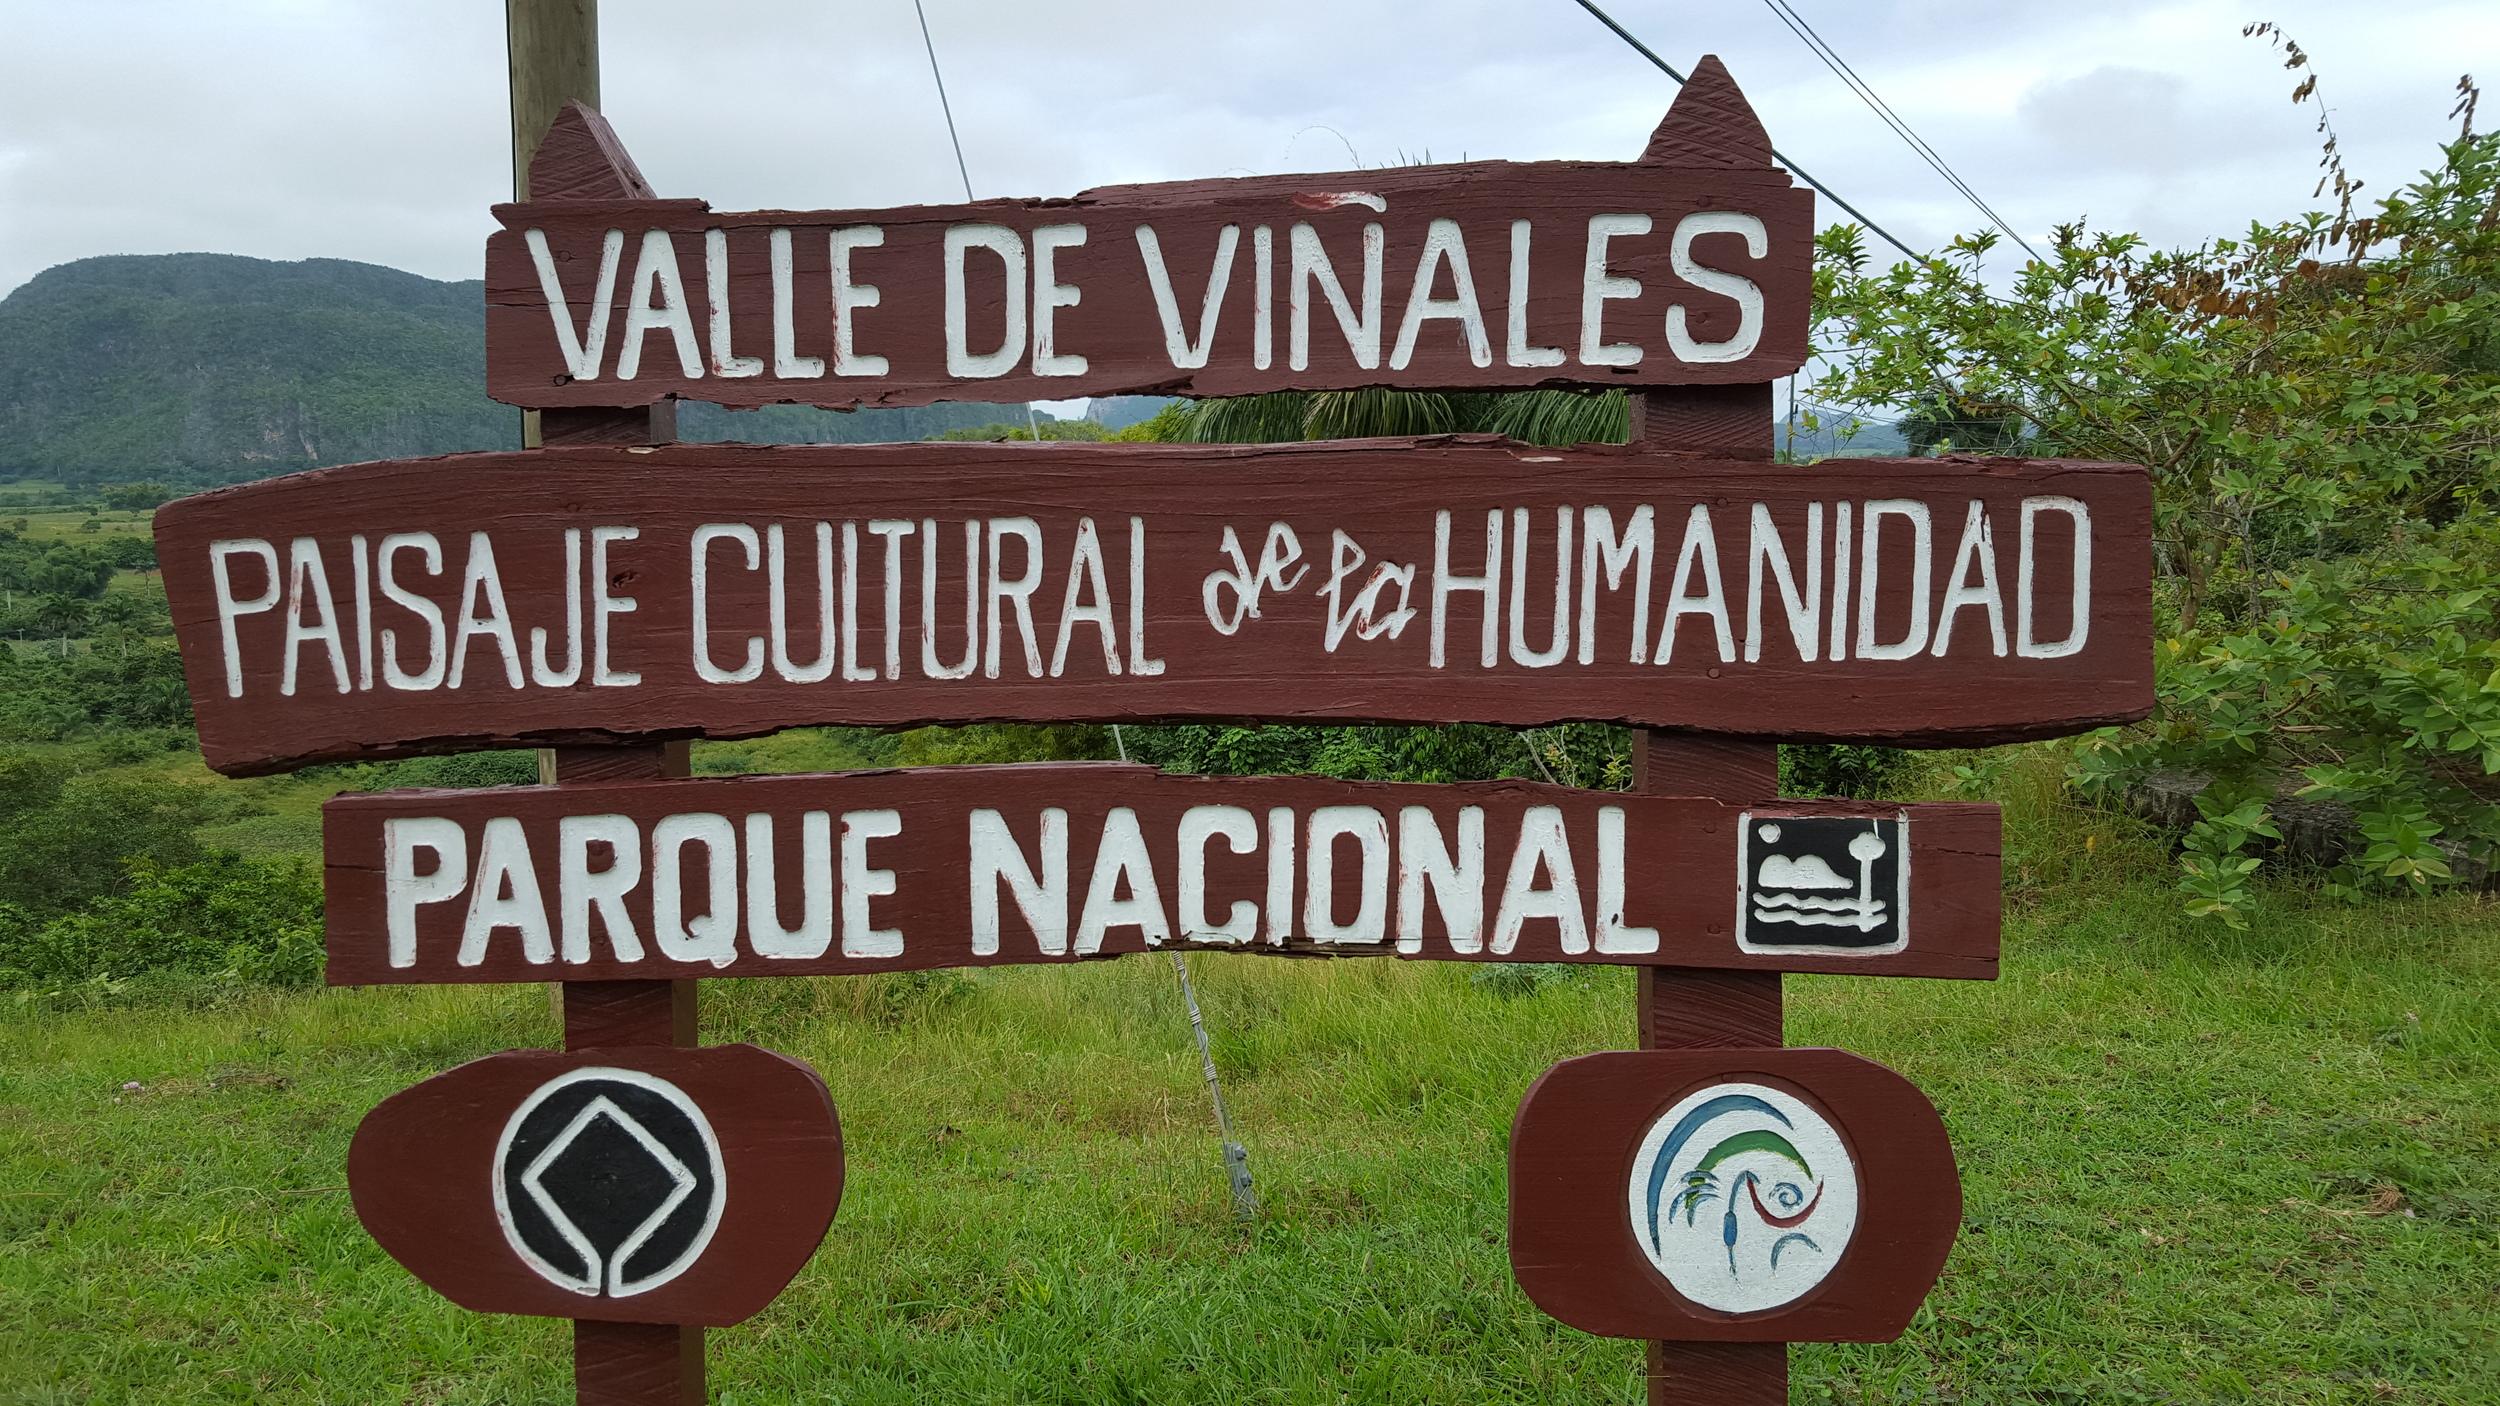 Vinales sign.jpg